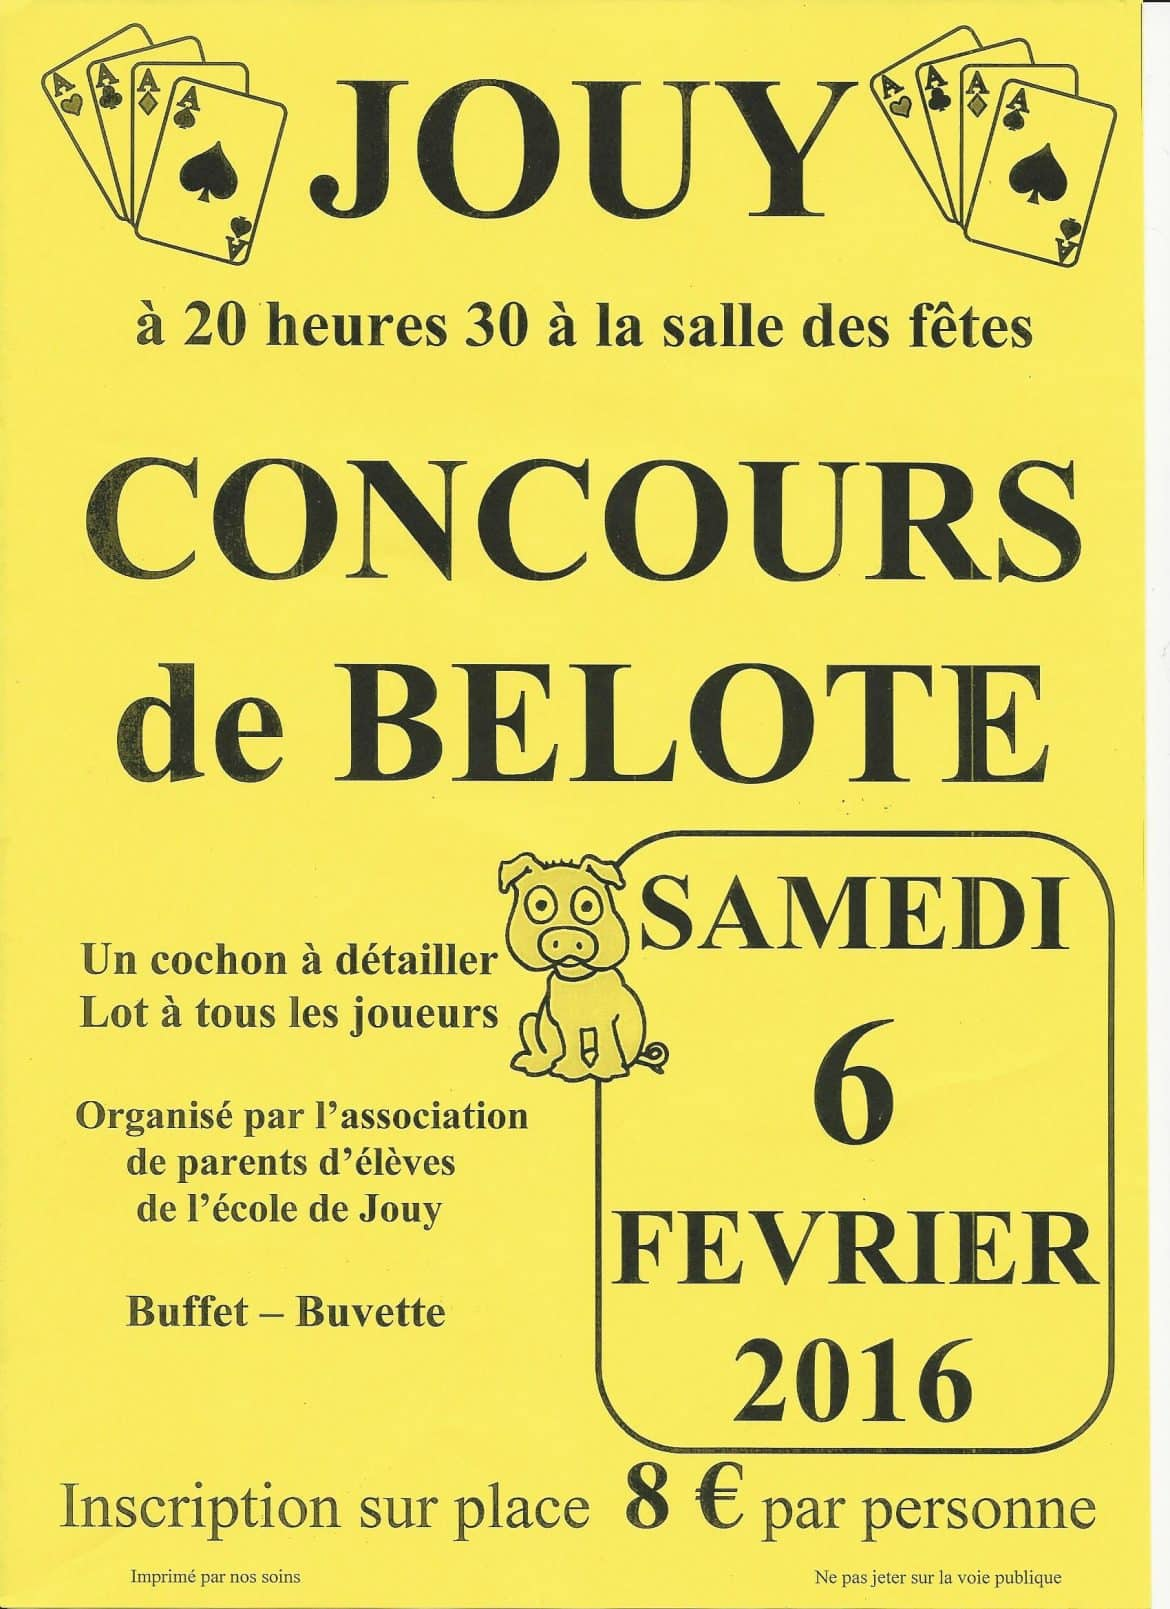 Concours de belote samedi 6 février 2016 à Jouy dans l'Yonne (89)